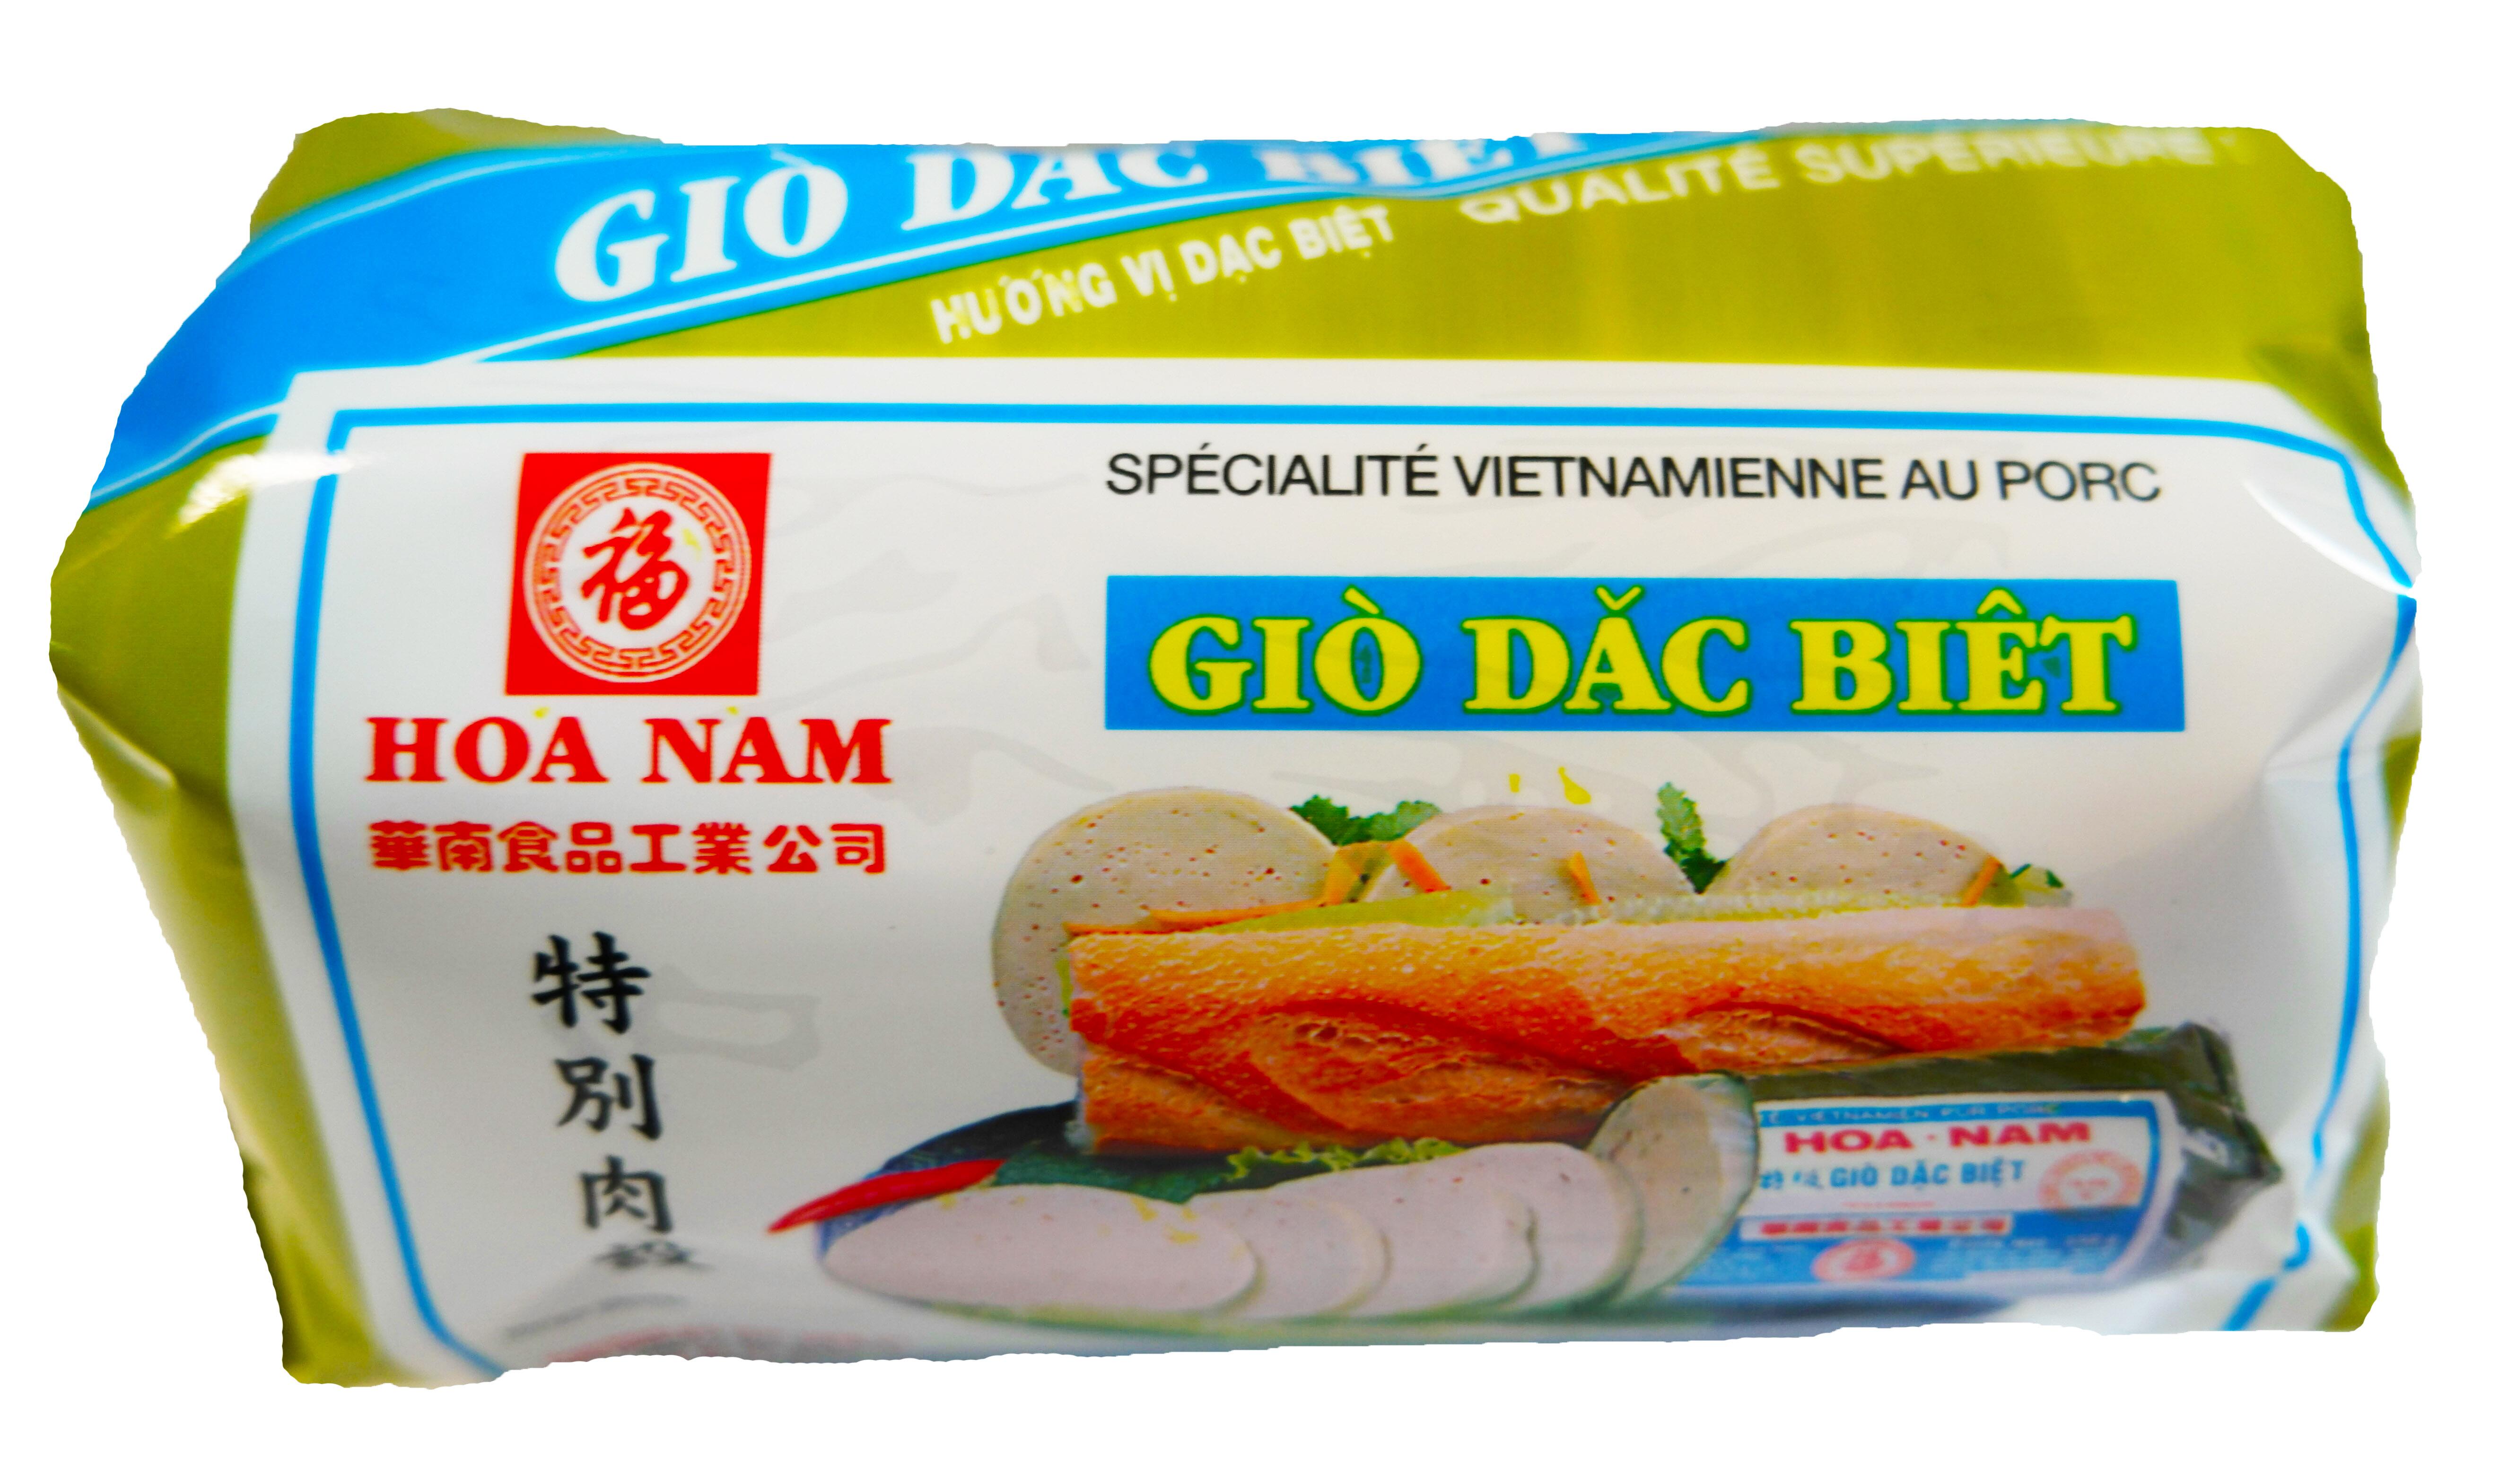 Pâté vietnamien au porc Gio Dac Biet, Hoanam (500 g)